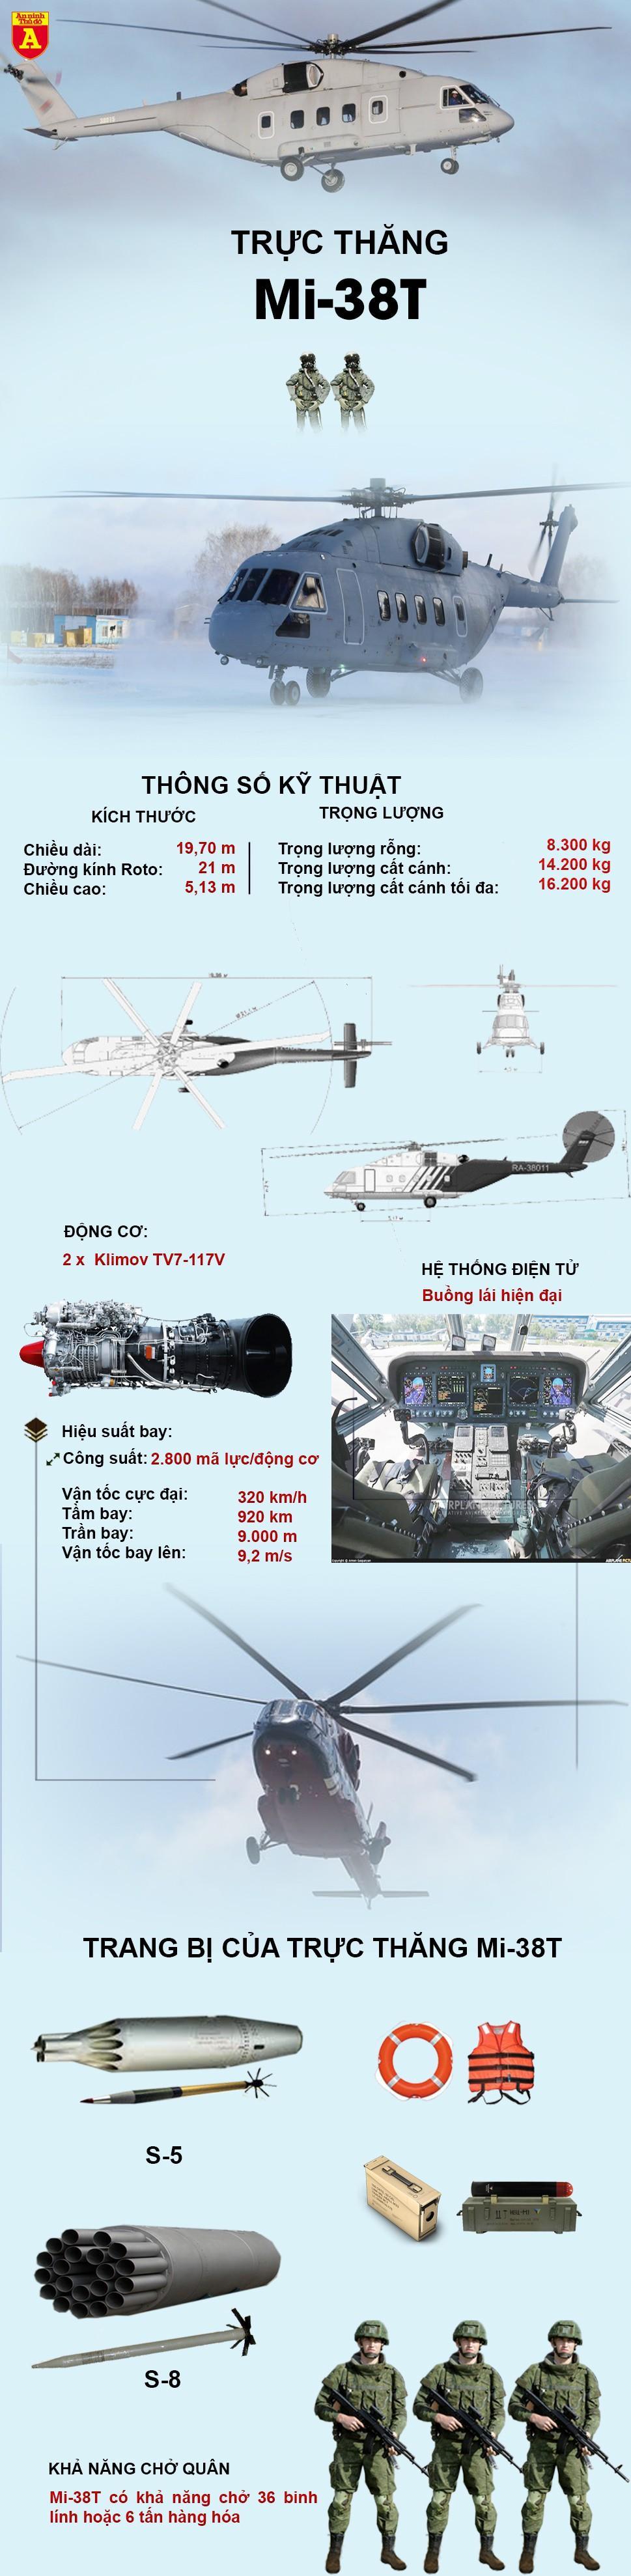 Trực thăng 'miễn nhiễm' với tên lửa phòng không vác vai có nguy cơ ế ẩm Ảnh 3